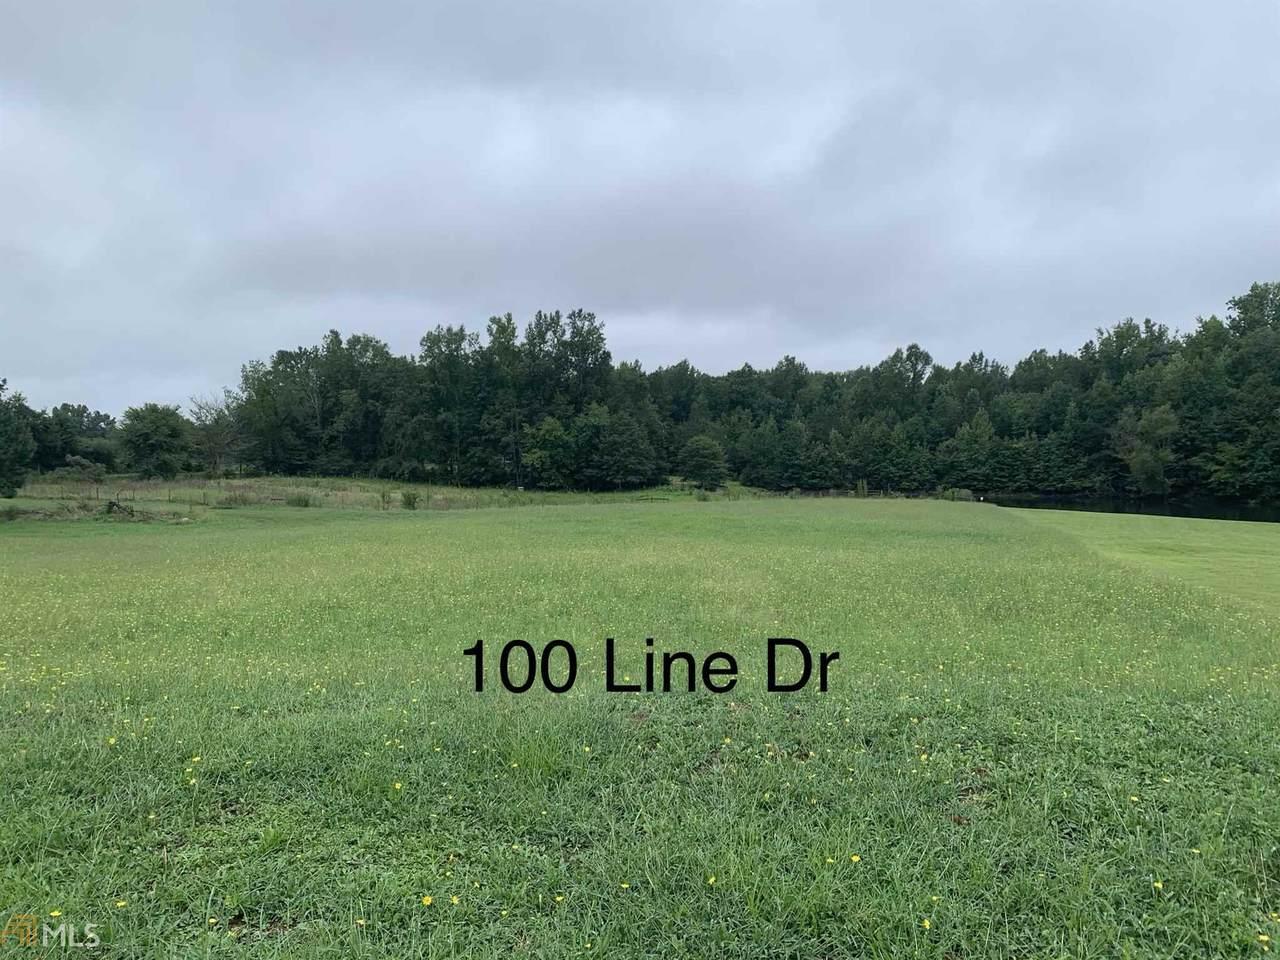 100 Line Dr - Photo 1